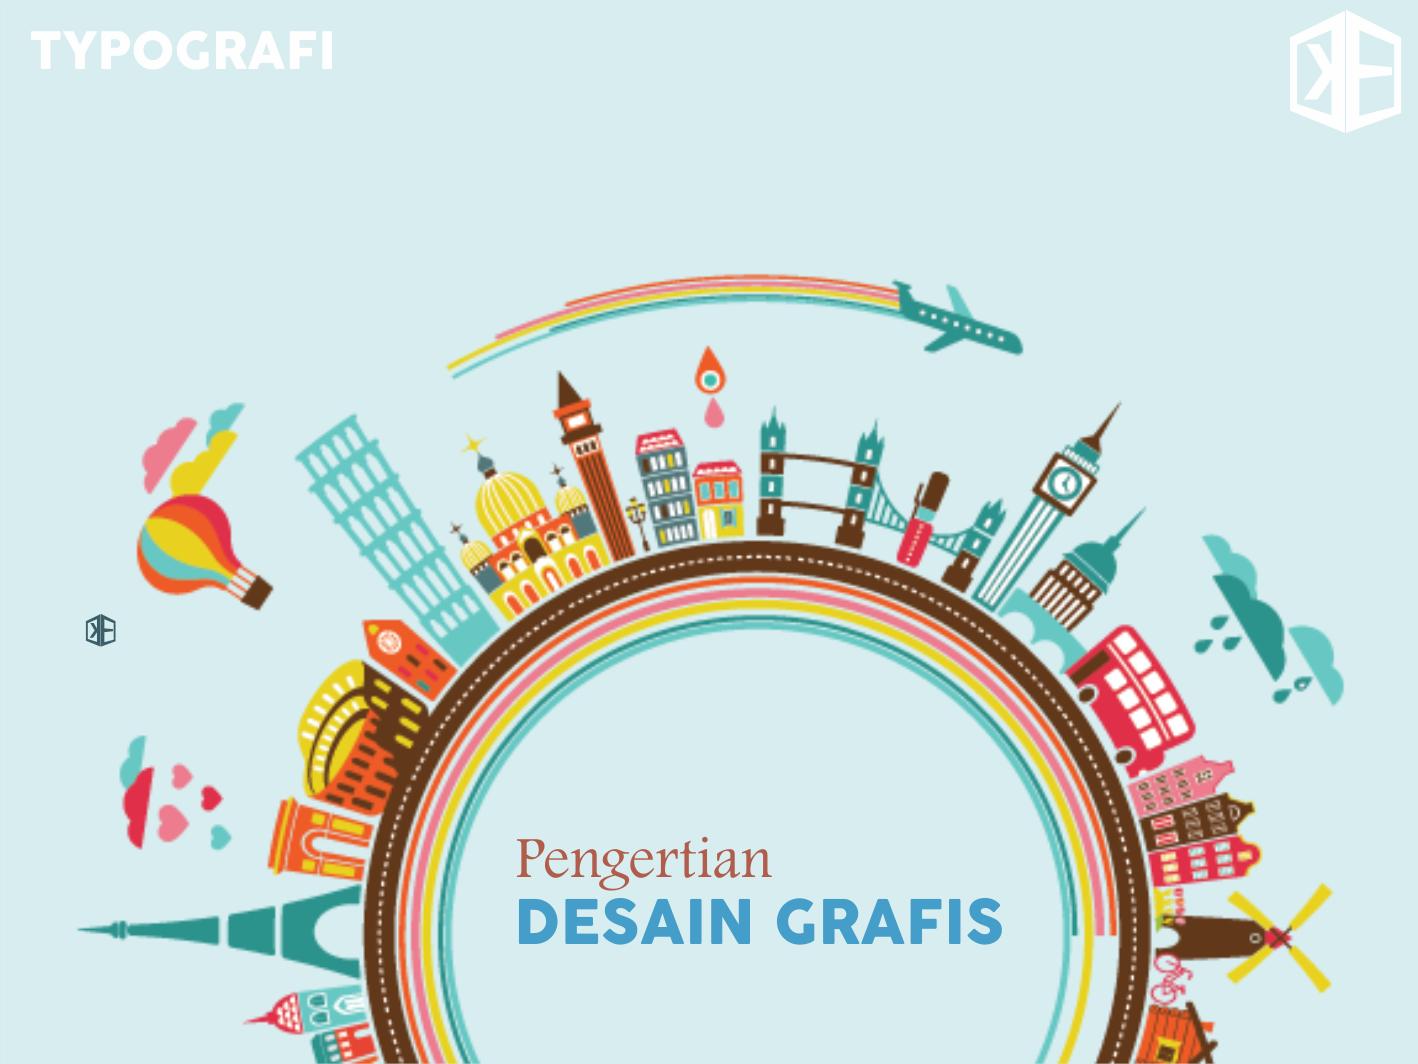 88+ Foto Desain Grafis Belajar Apa Terbaik Unduh Gratis